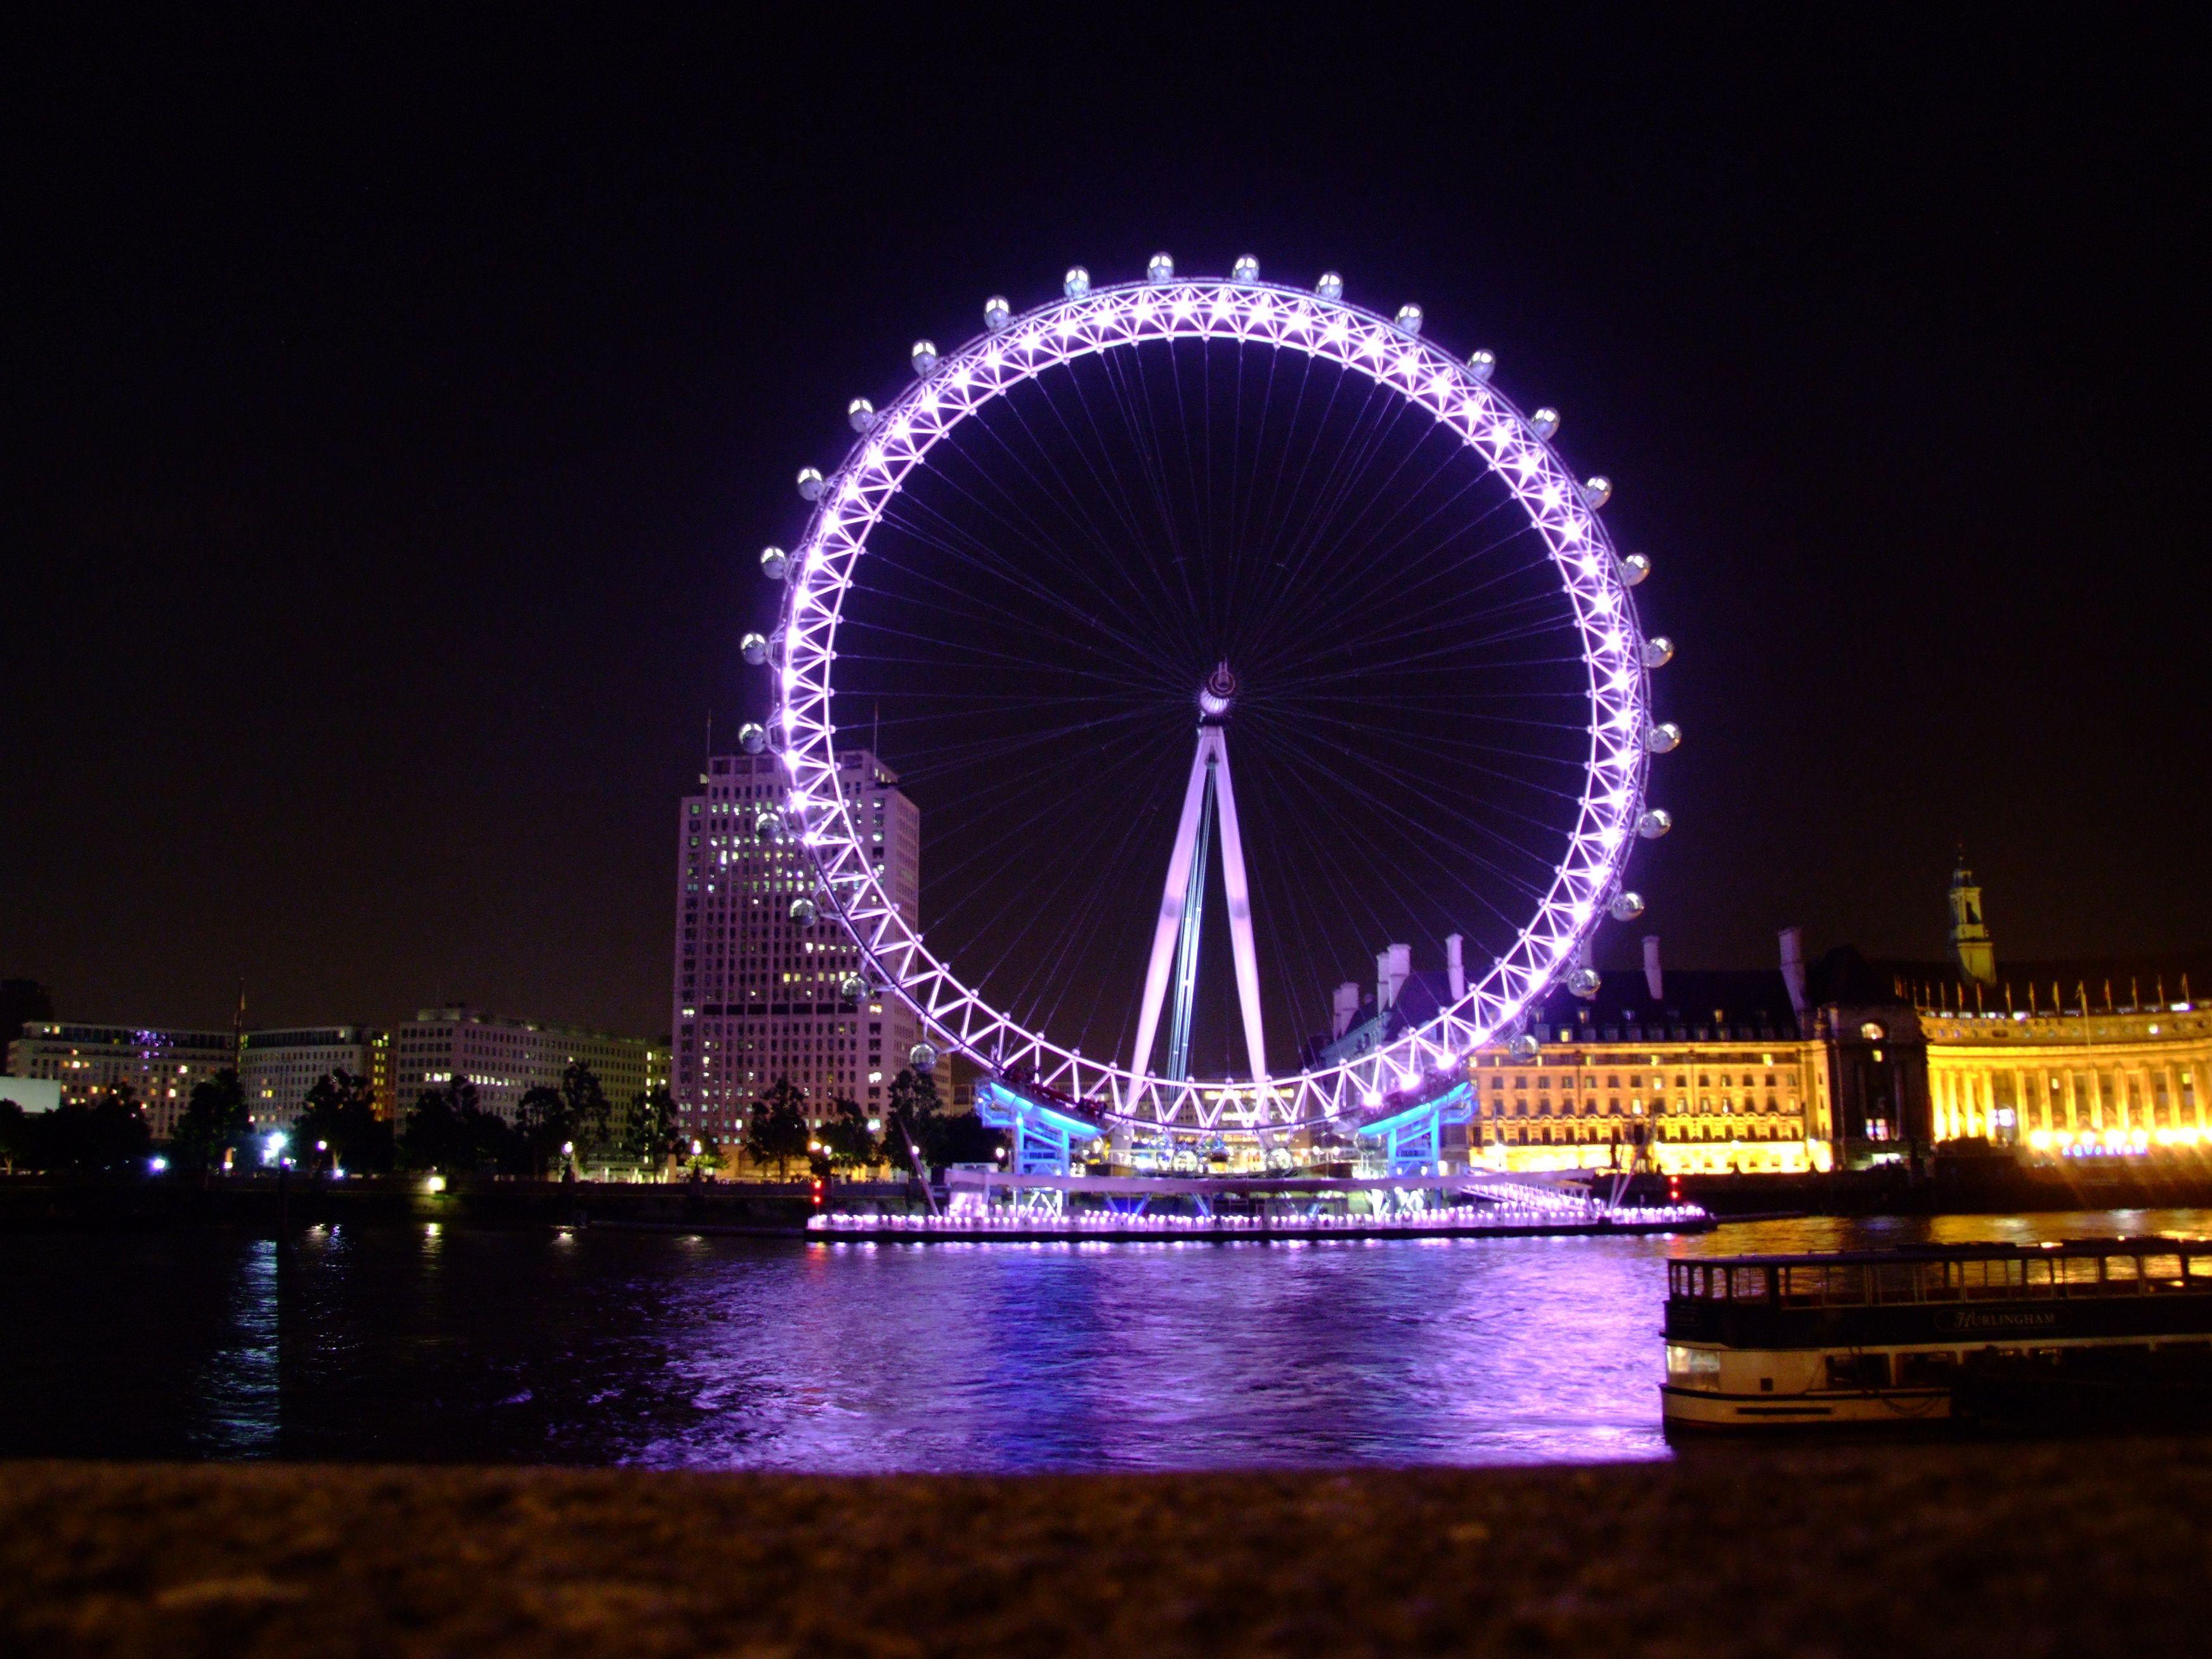 London Eye At Night London Eye London Eye At Night London